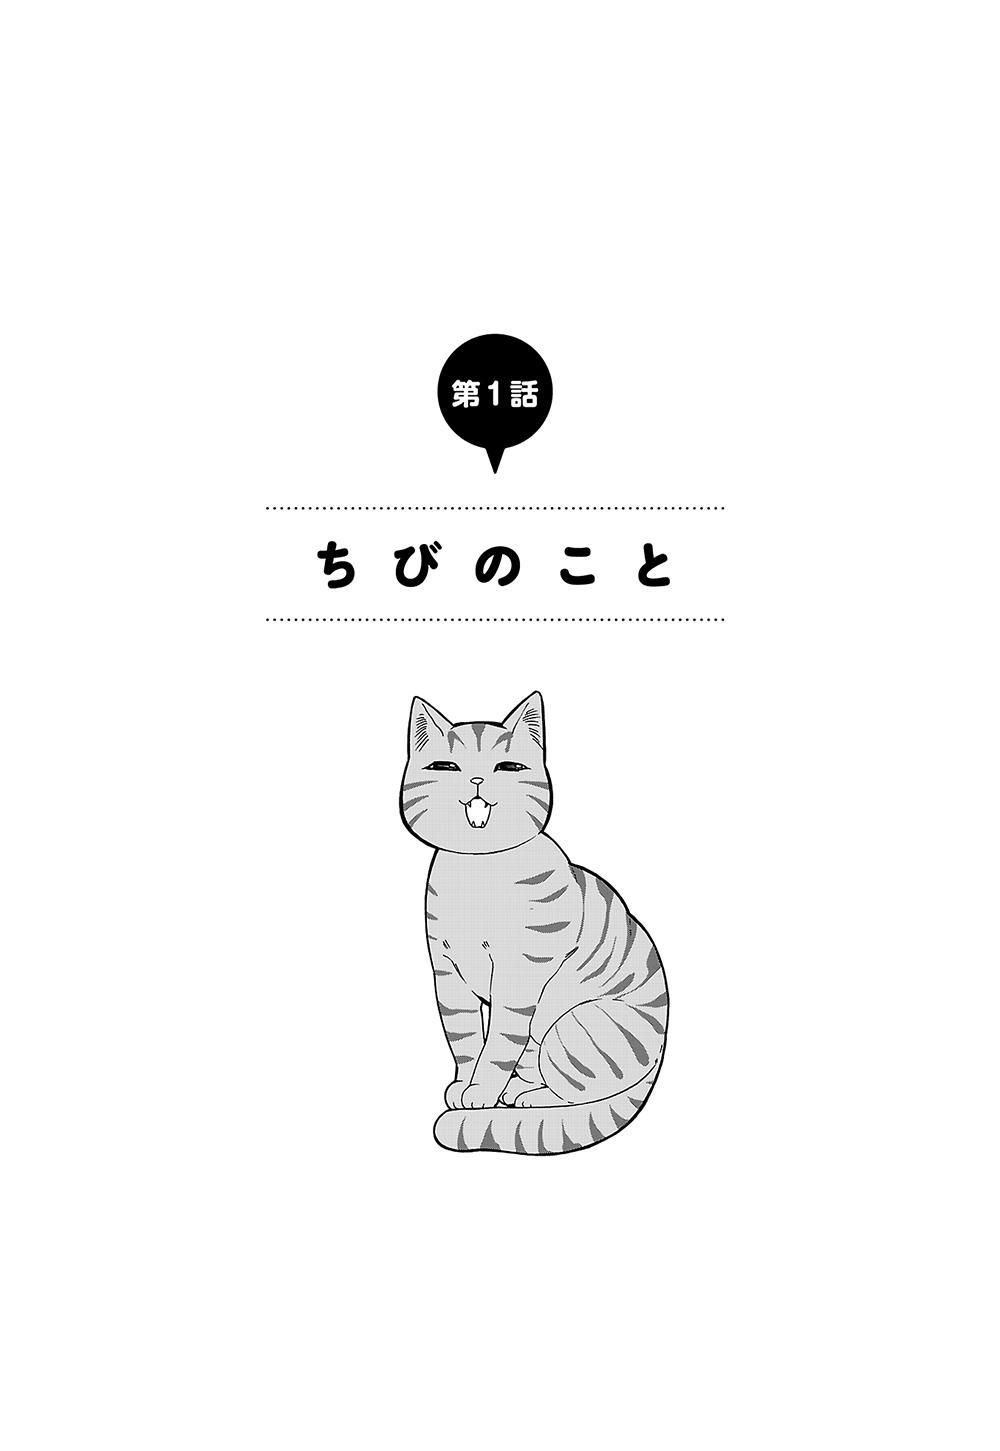 ペットの声が聞こえたら 第1話「ちびのこと」①pet1-3.jpg